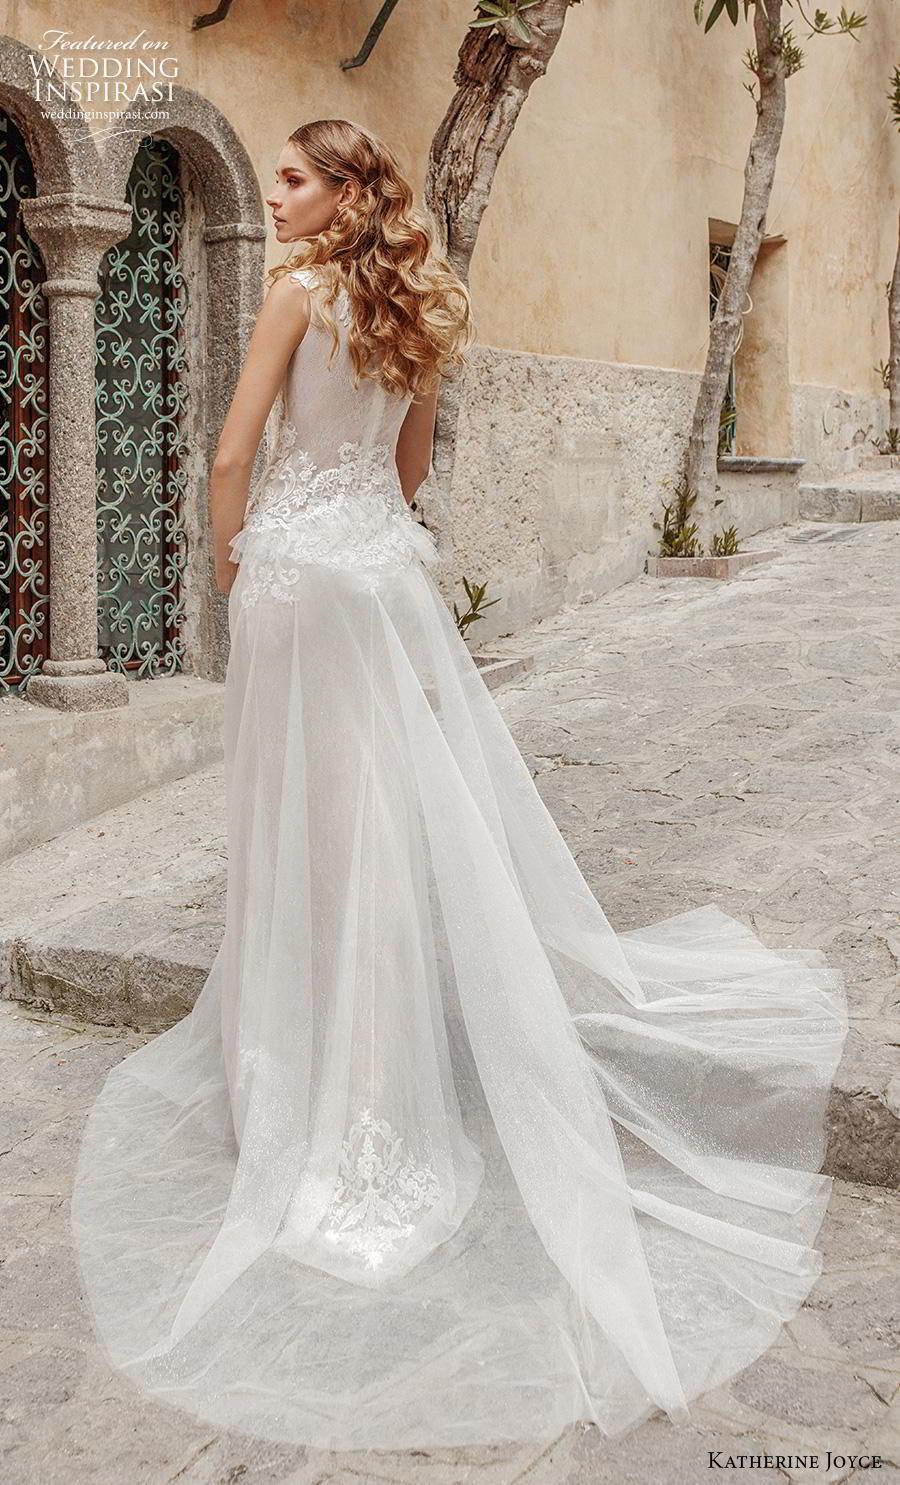 katherine joyce 2019 bridal sleeveless deep plunging v neck heavily embellished bodice peplum romantic sheath wedding dress covered back chapel train (5) bv